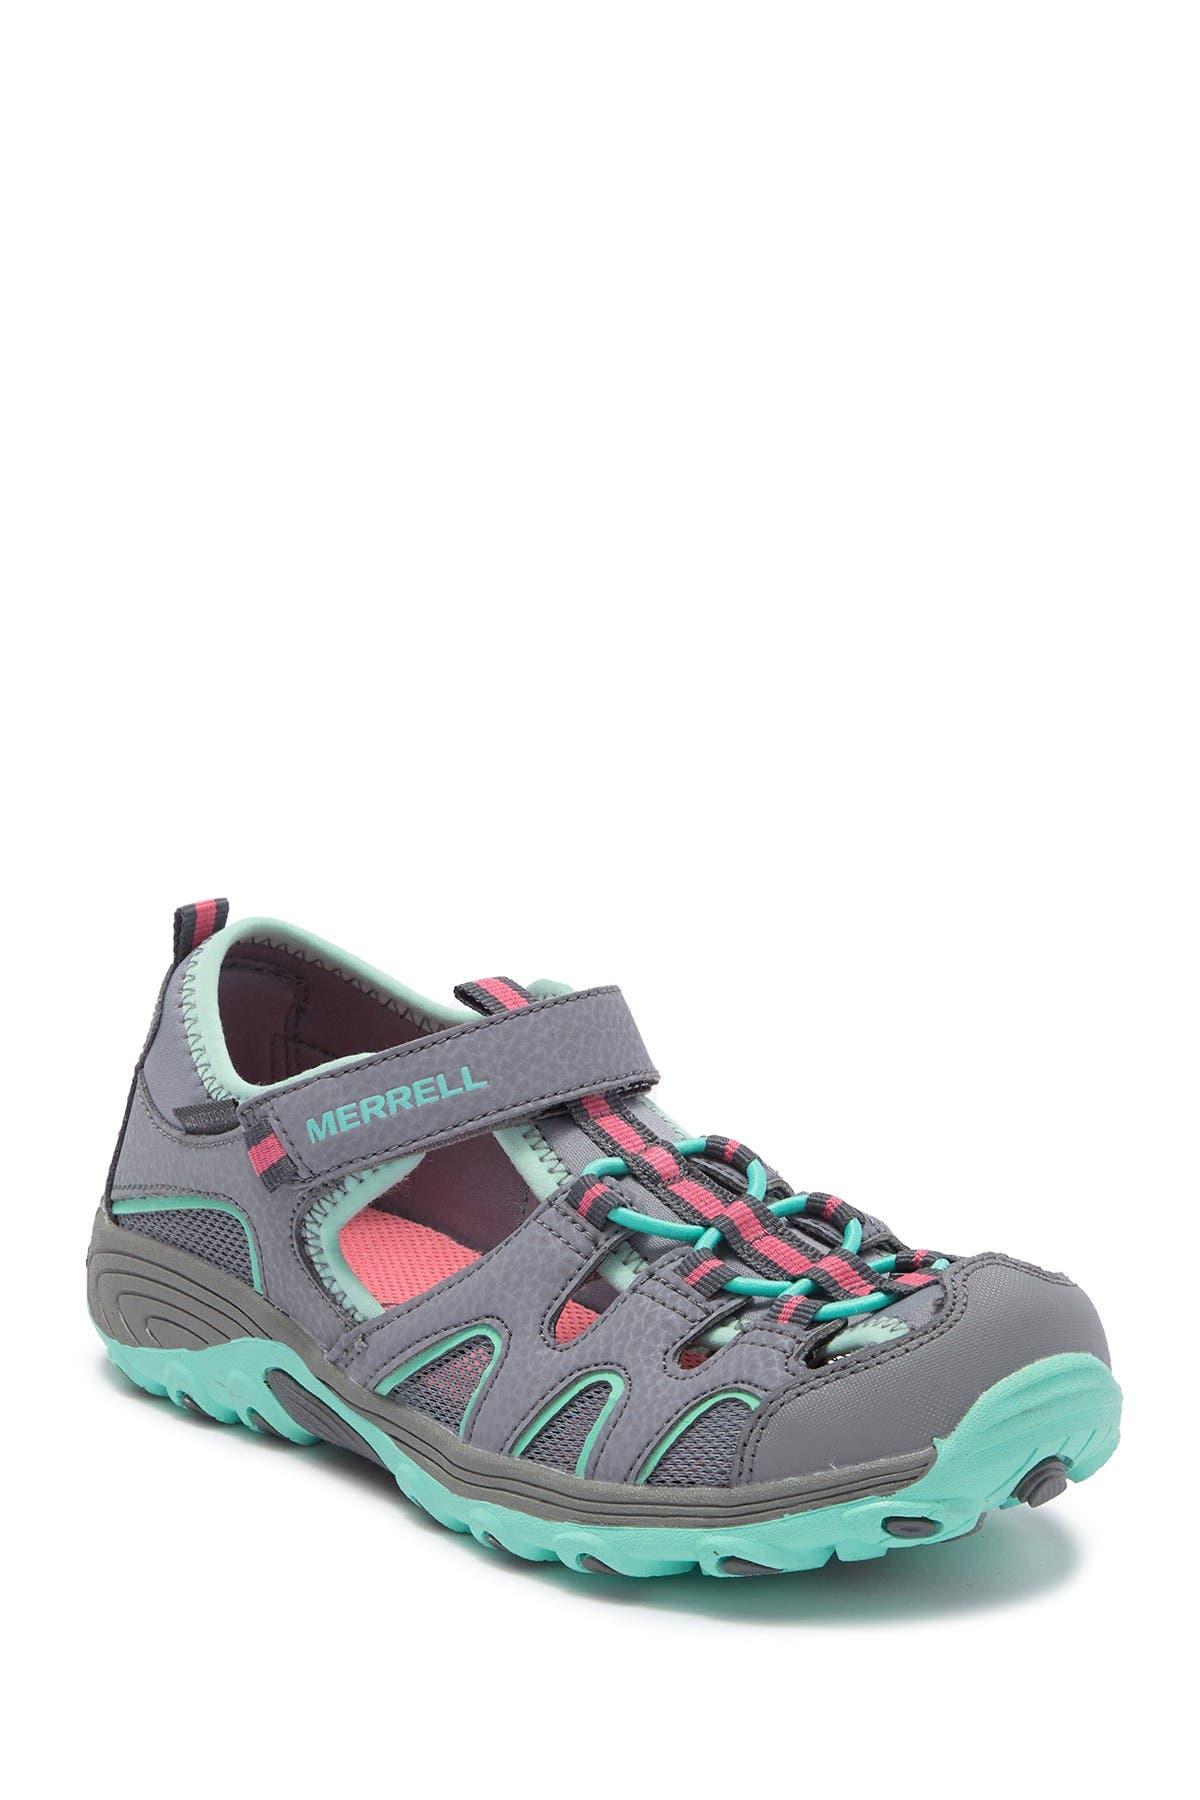 Merrell | Hydro H20 Hiker Sandal